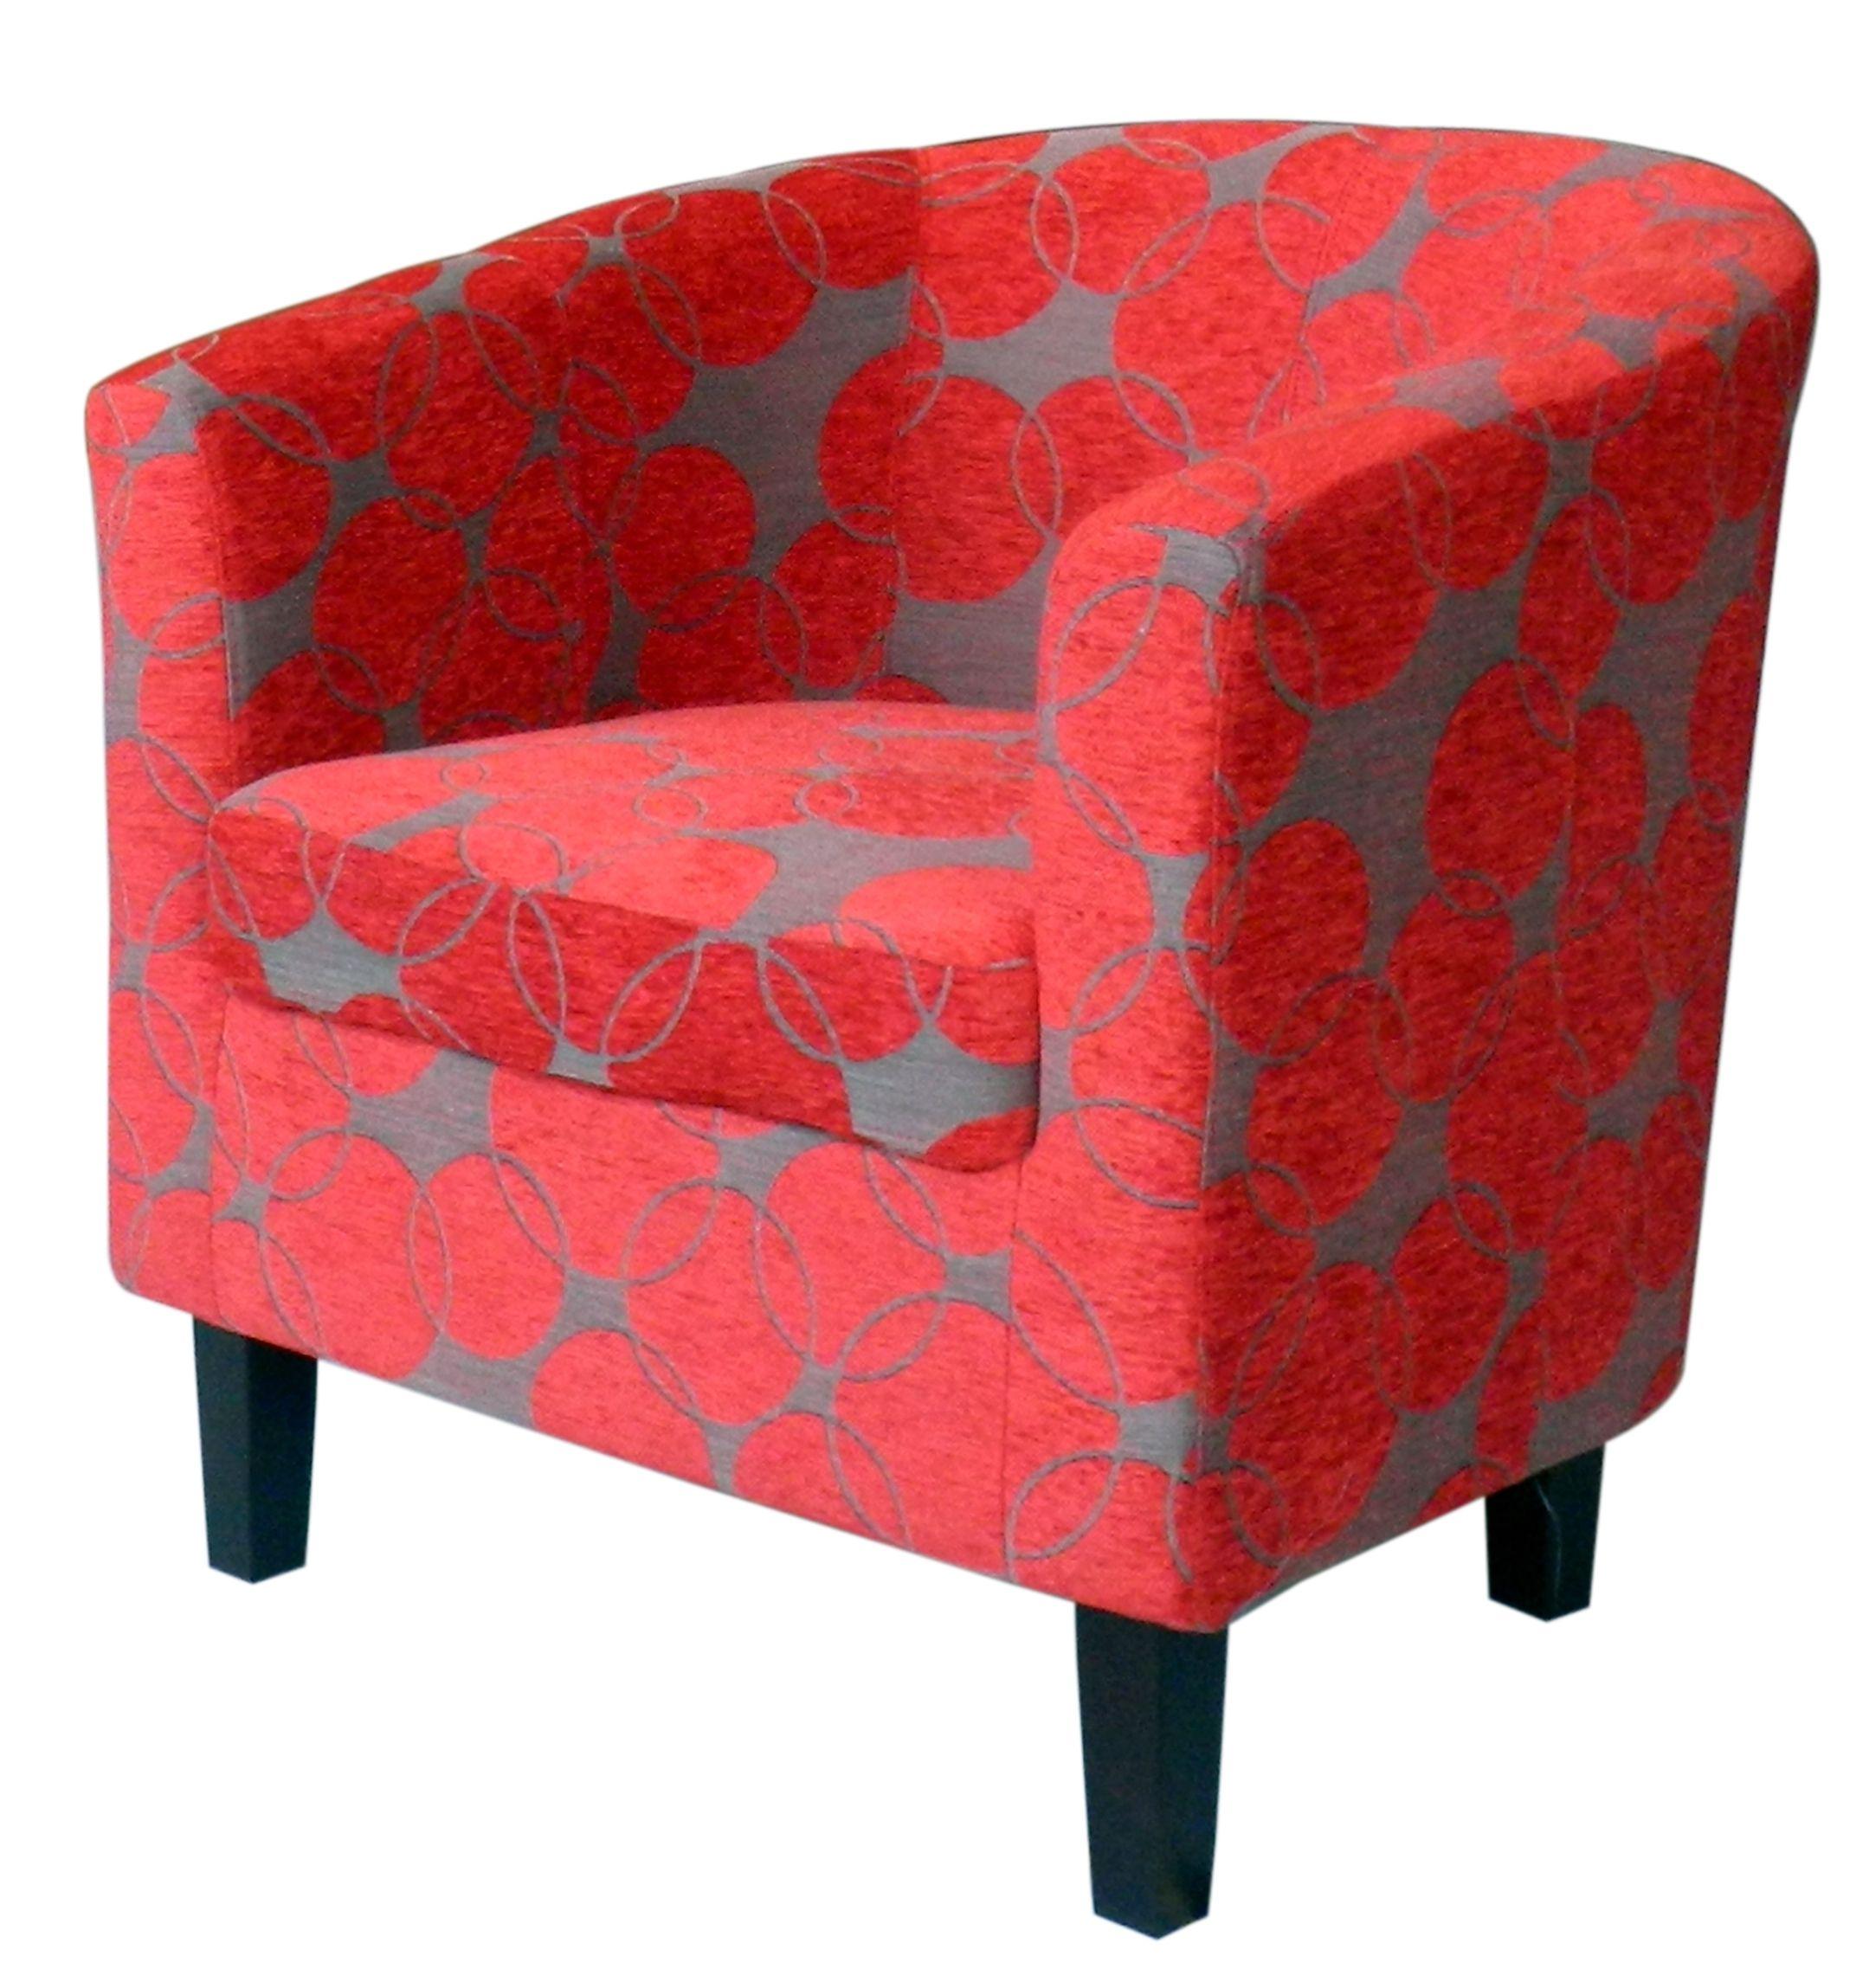 tub chair fabric | Have a seat... | Pinterest | Tub chair, Chair ...